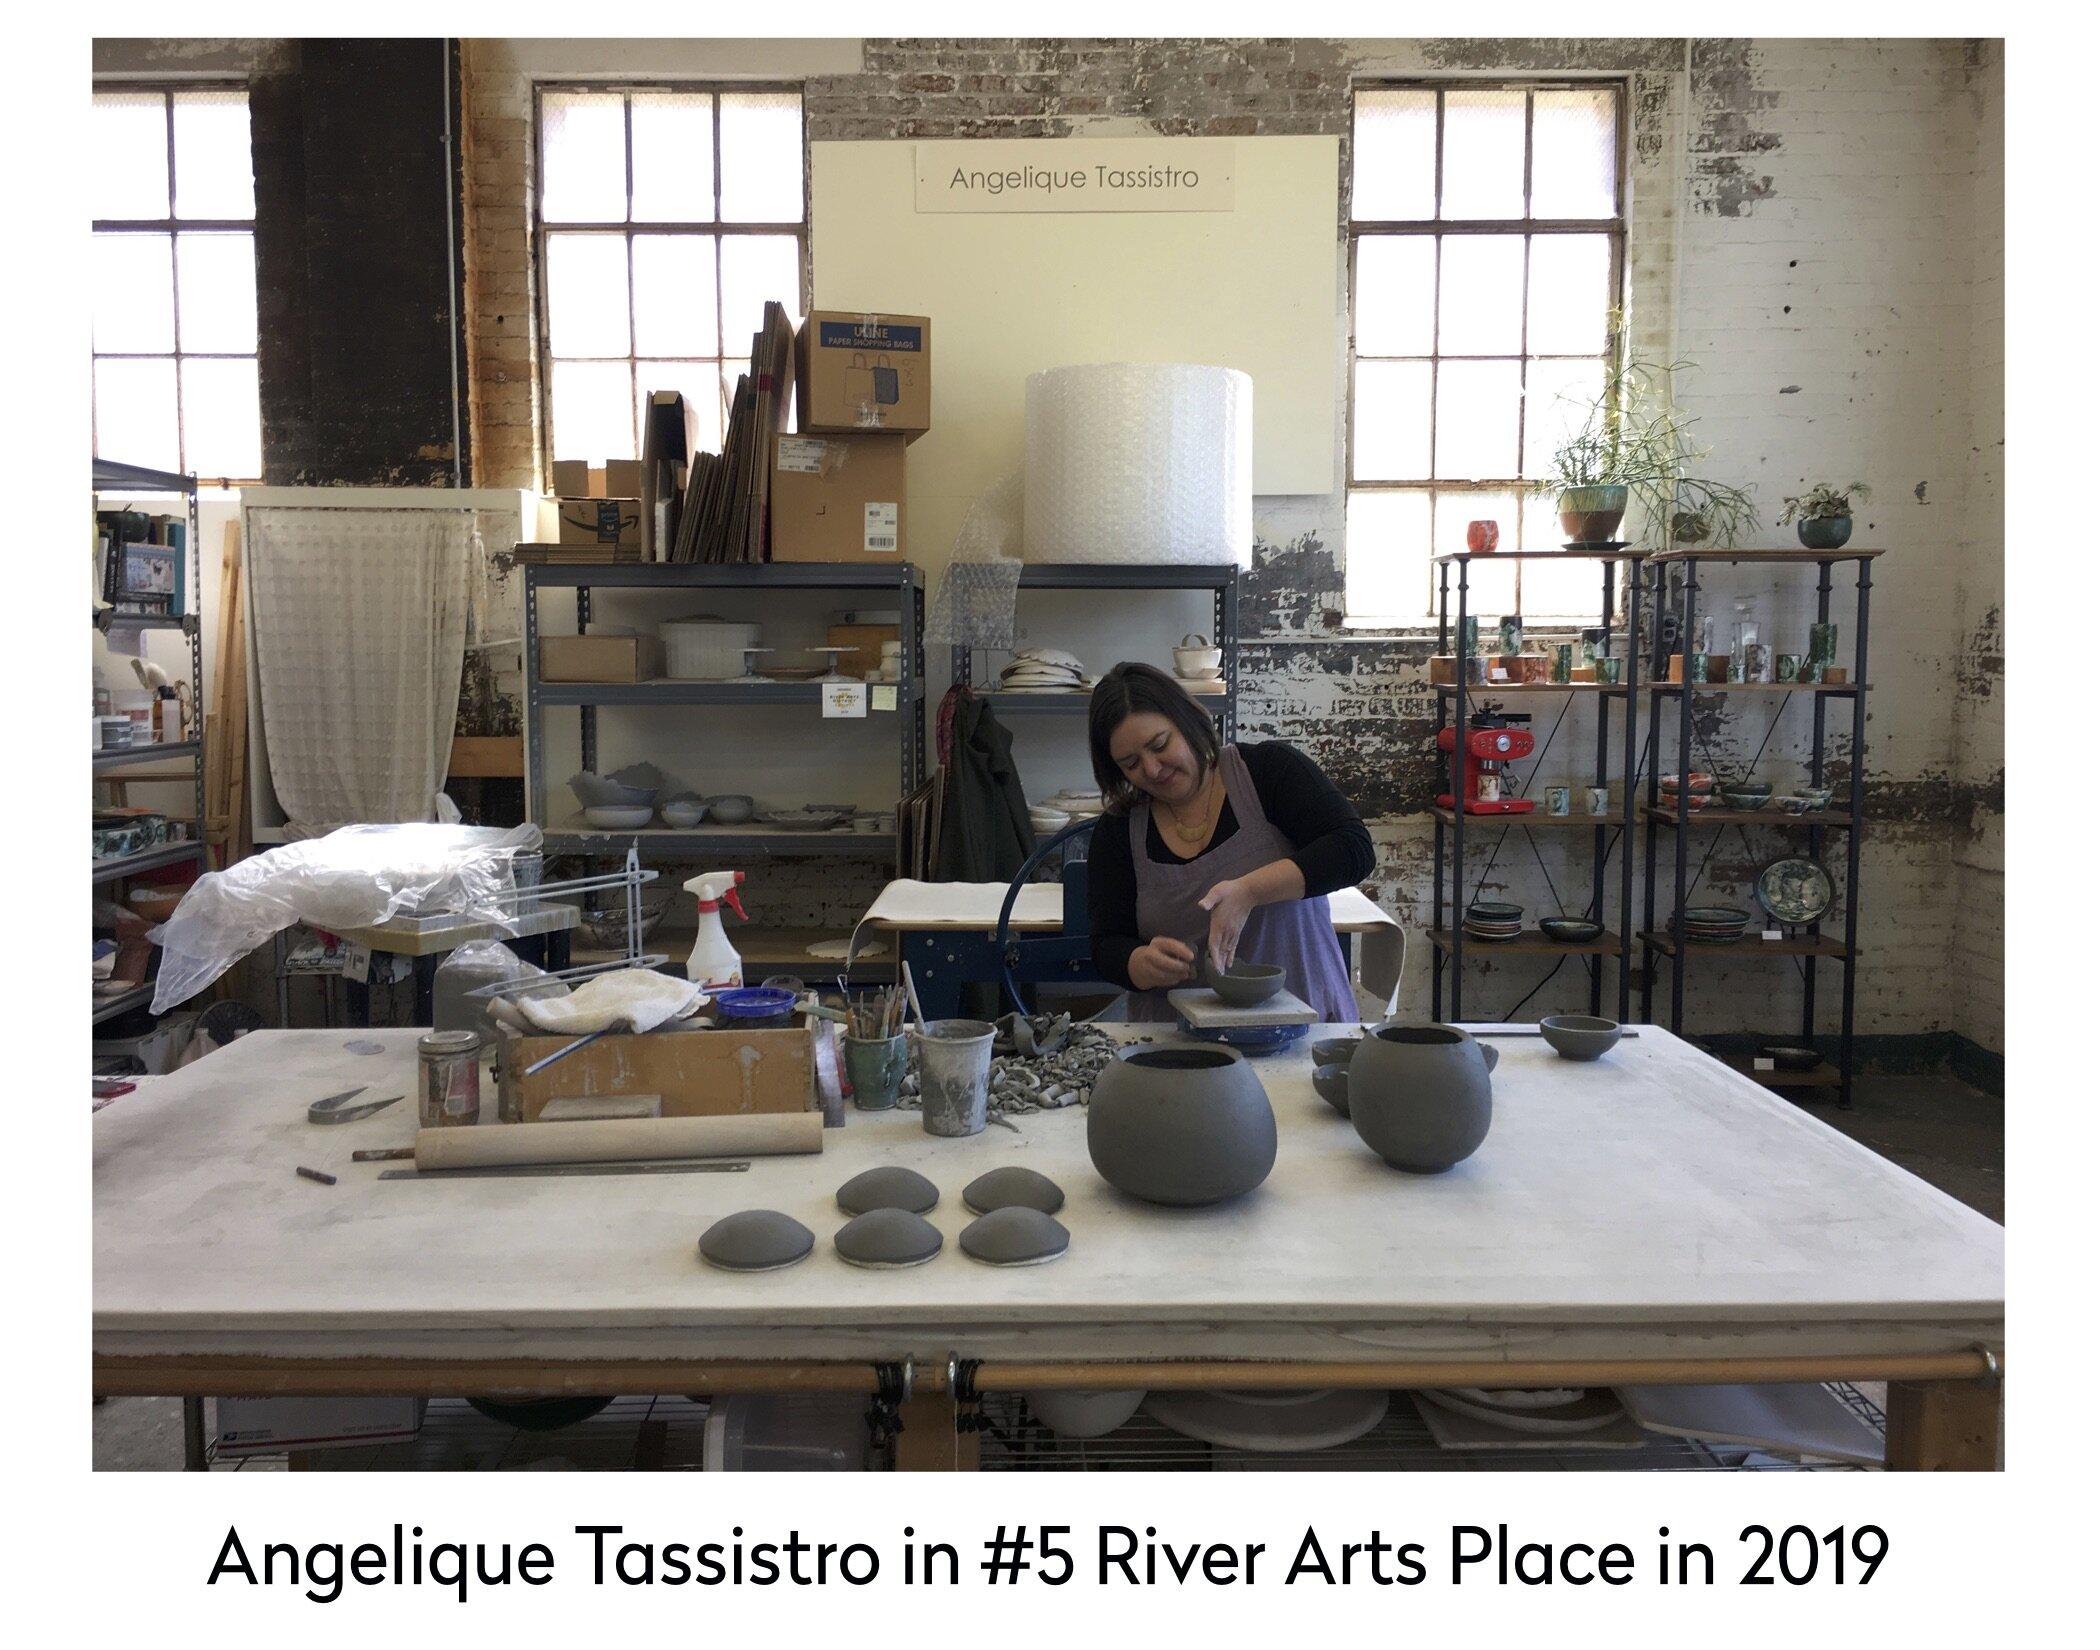 angelique working 2019.jpg